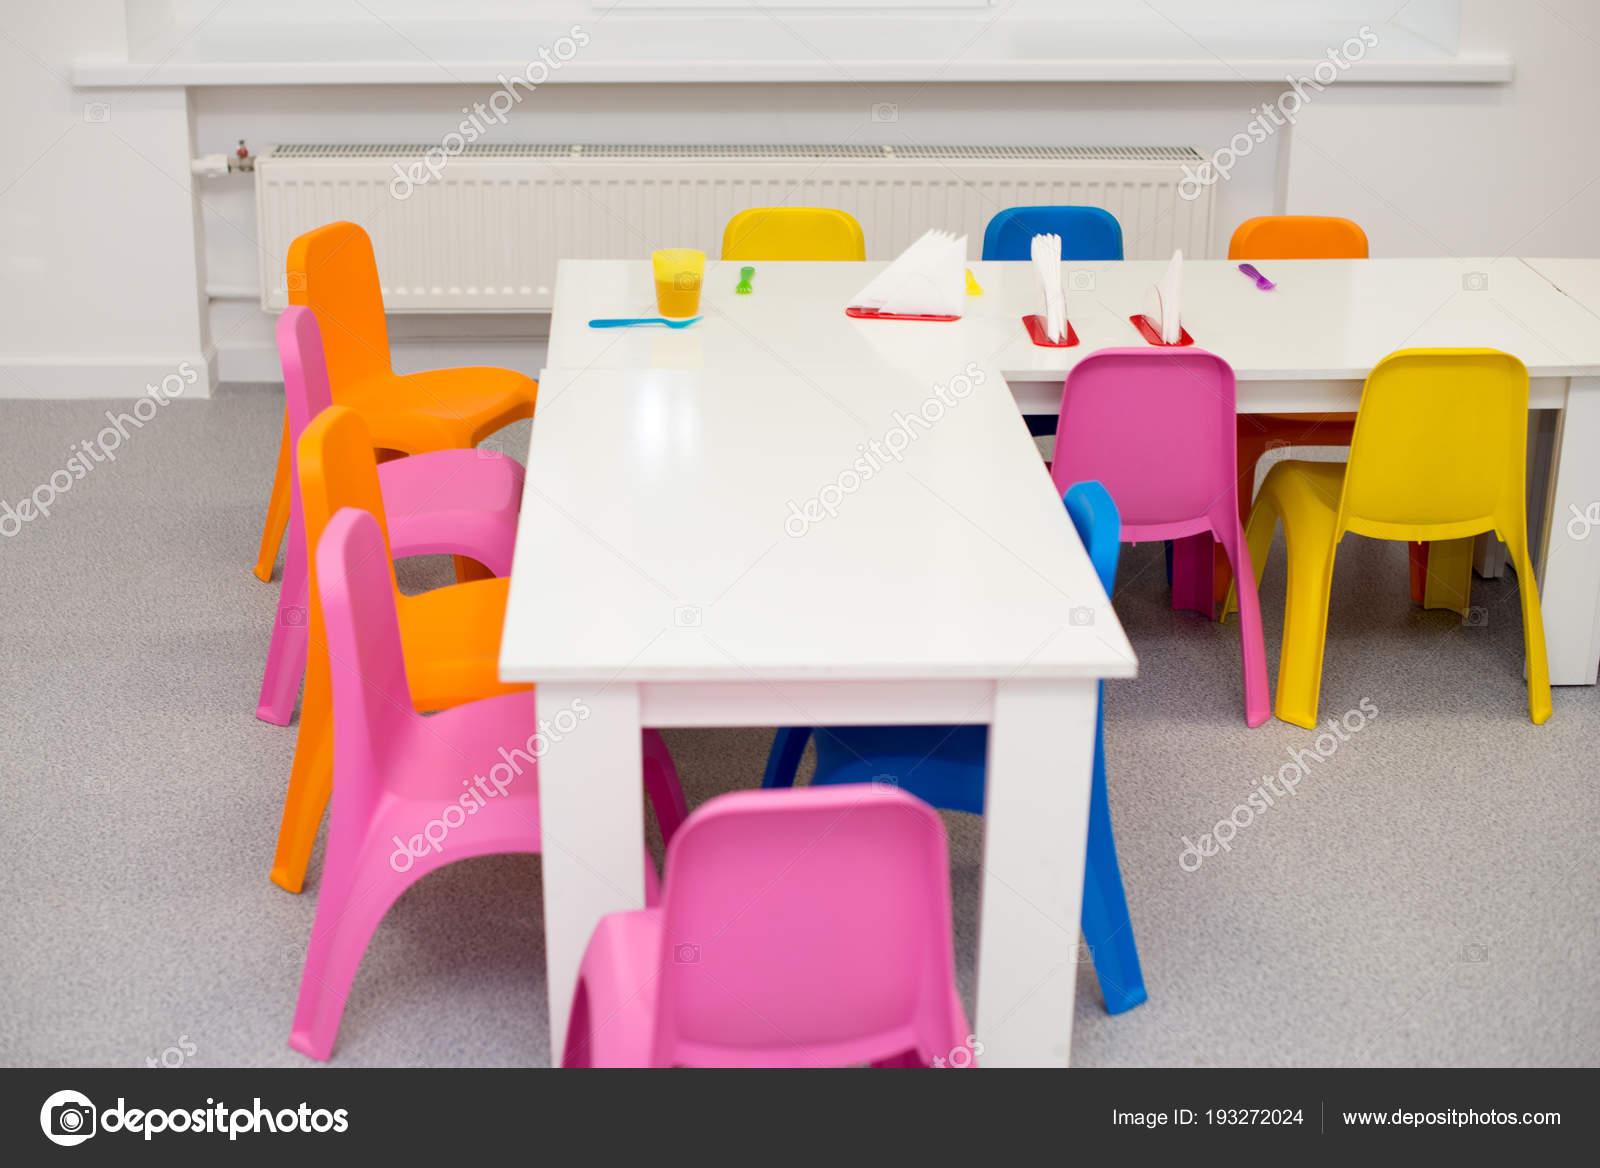 Modernes interieur für das kinderzimmer in hellen farben. regale an